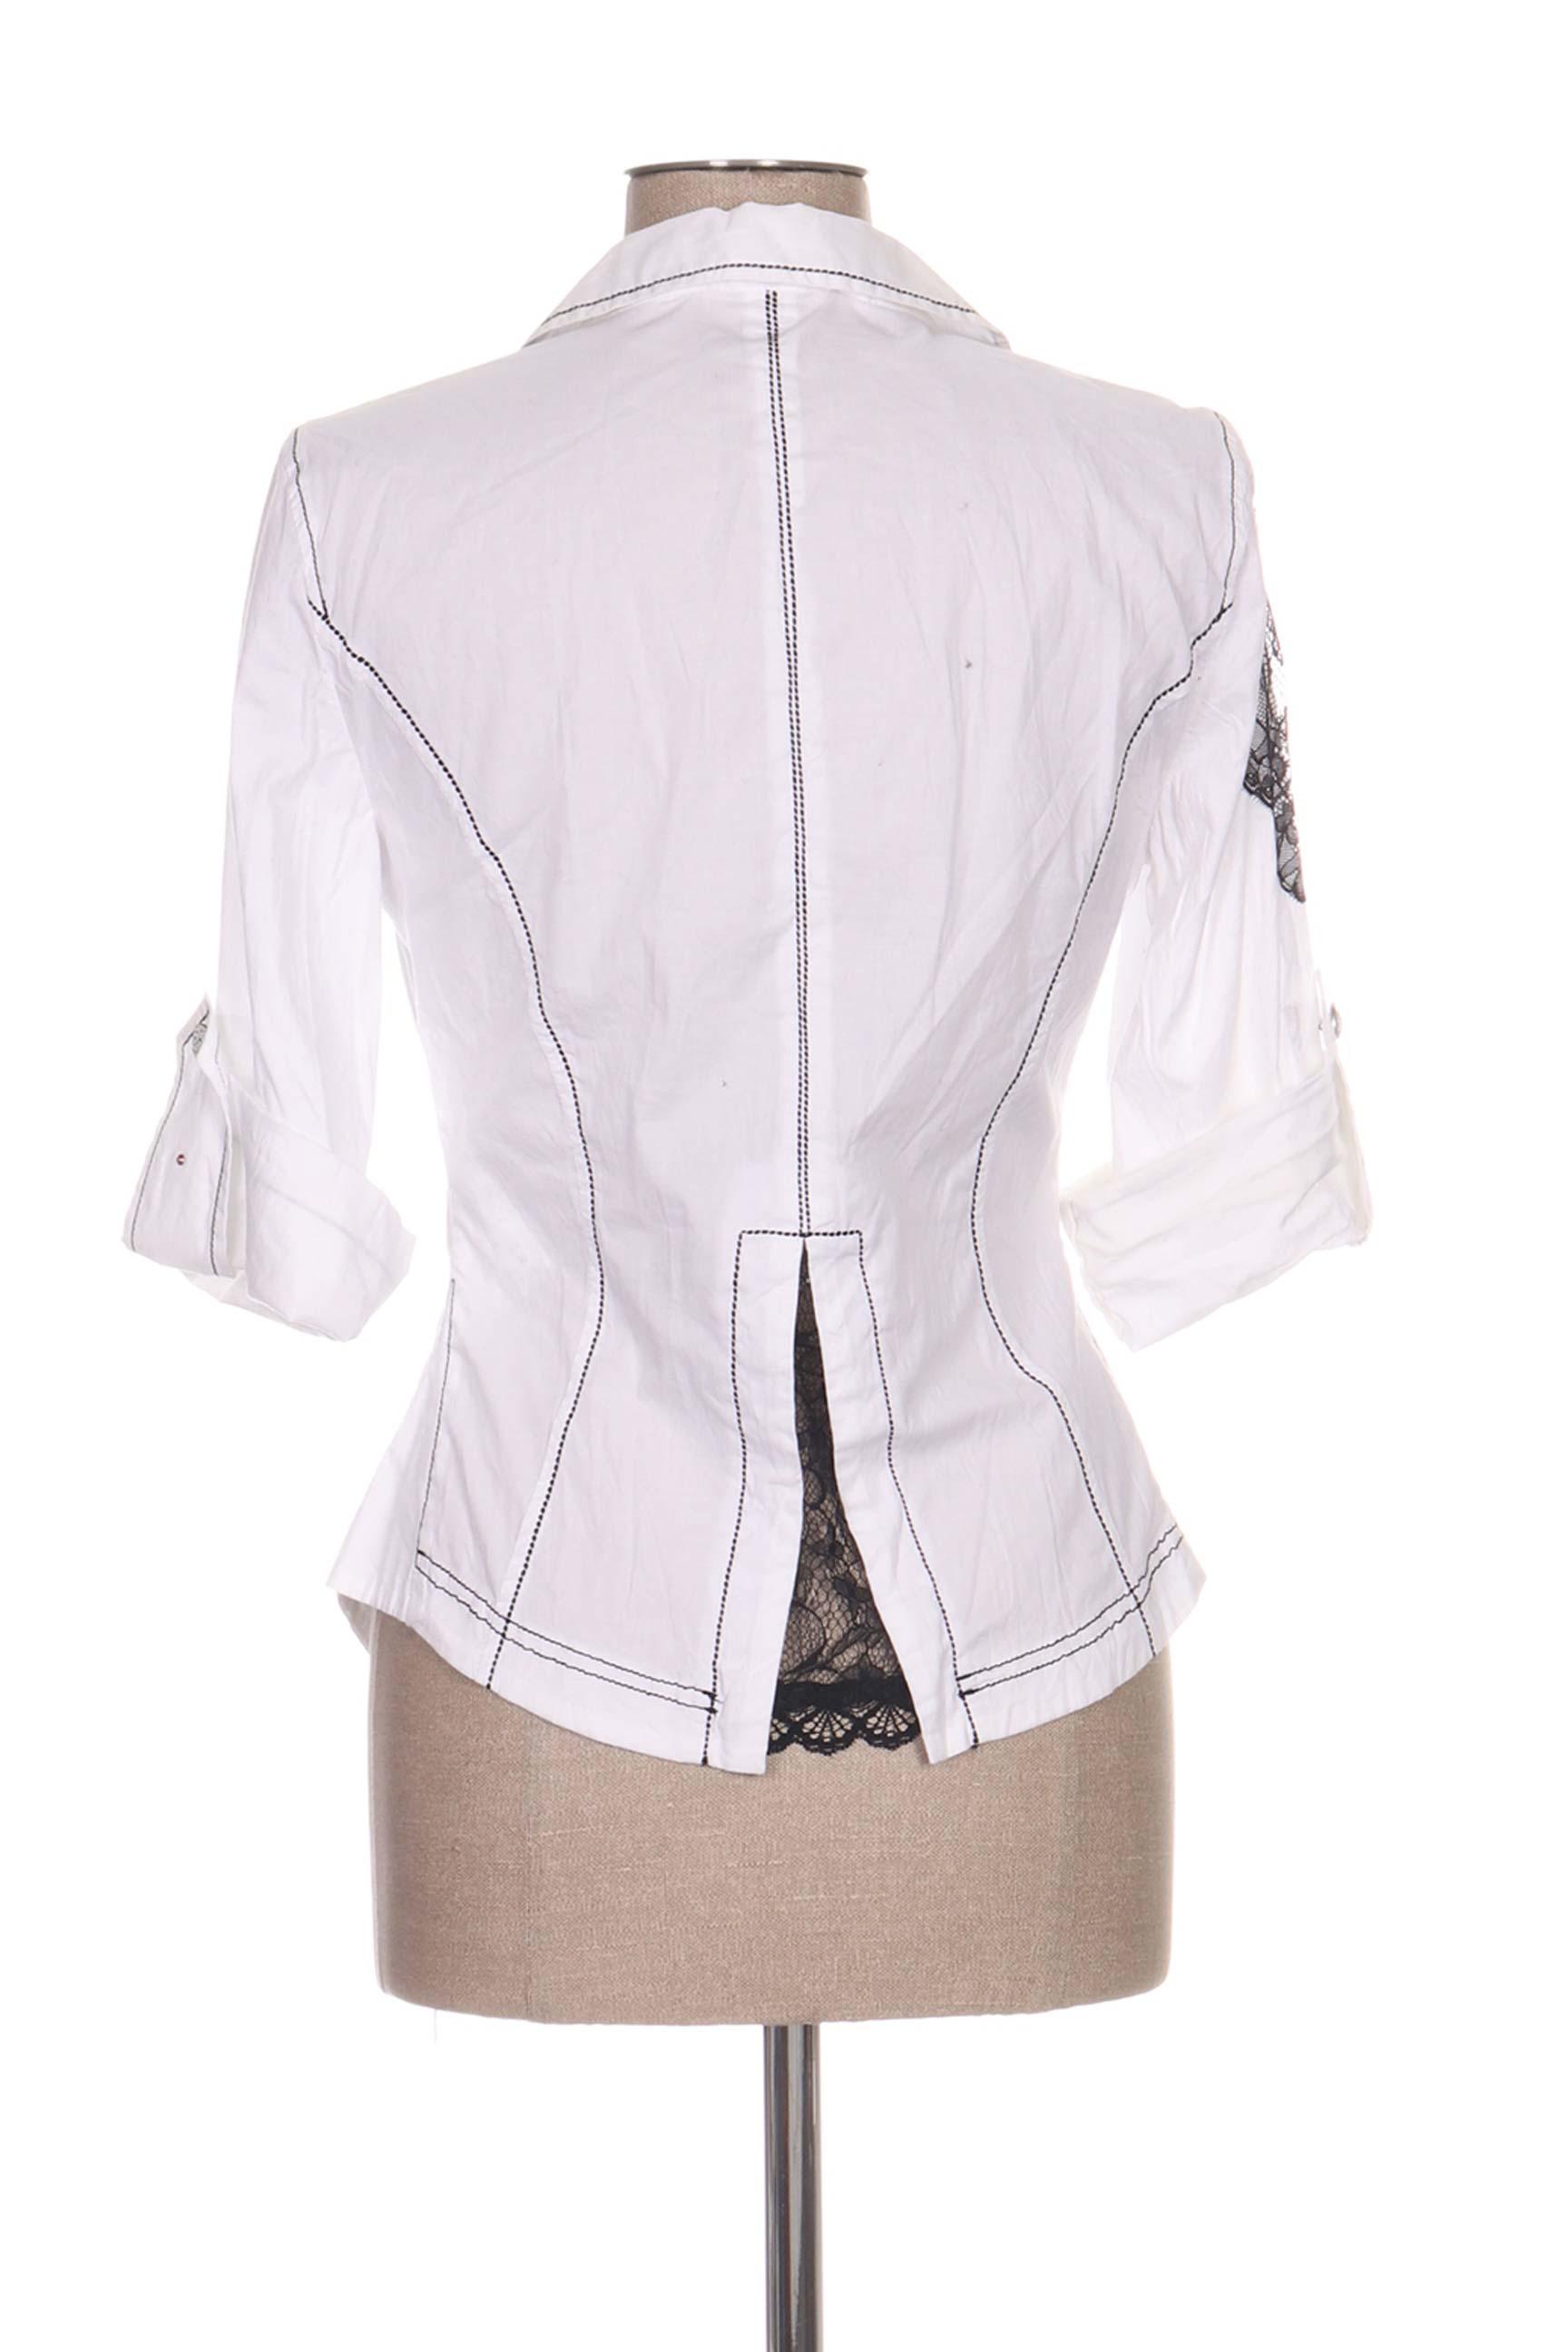 Daniela Dallavalle Chemisiers Manches Longues Femme De Couleur Blanc En Soldes Pas Cher 1166278-blanc0